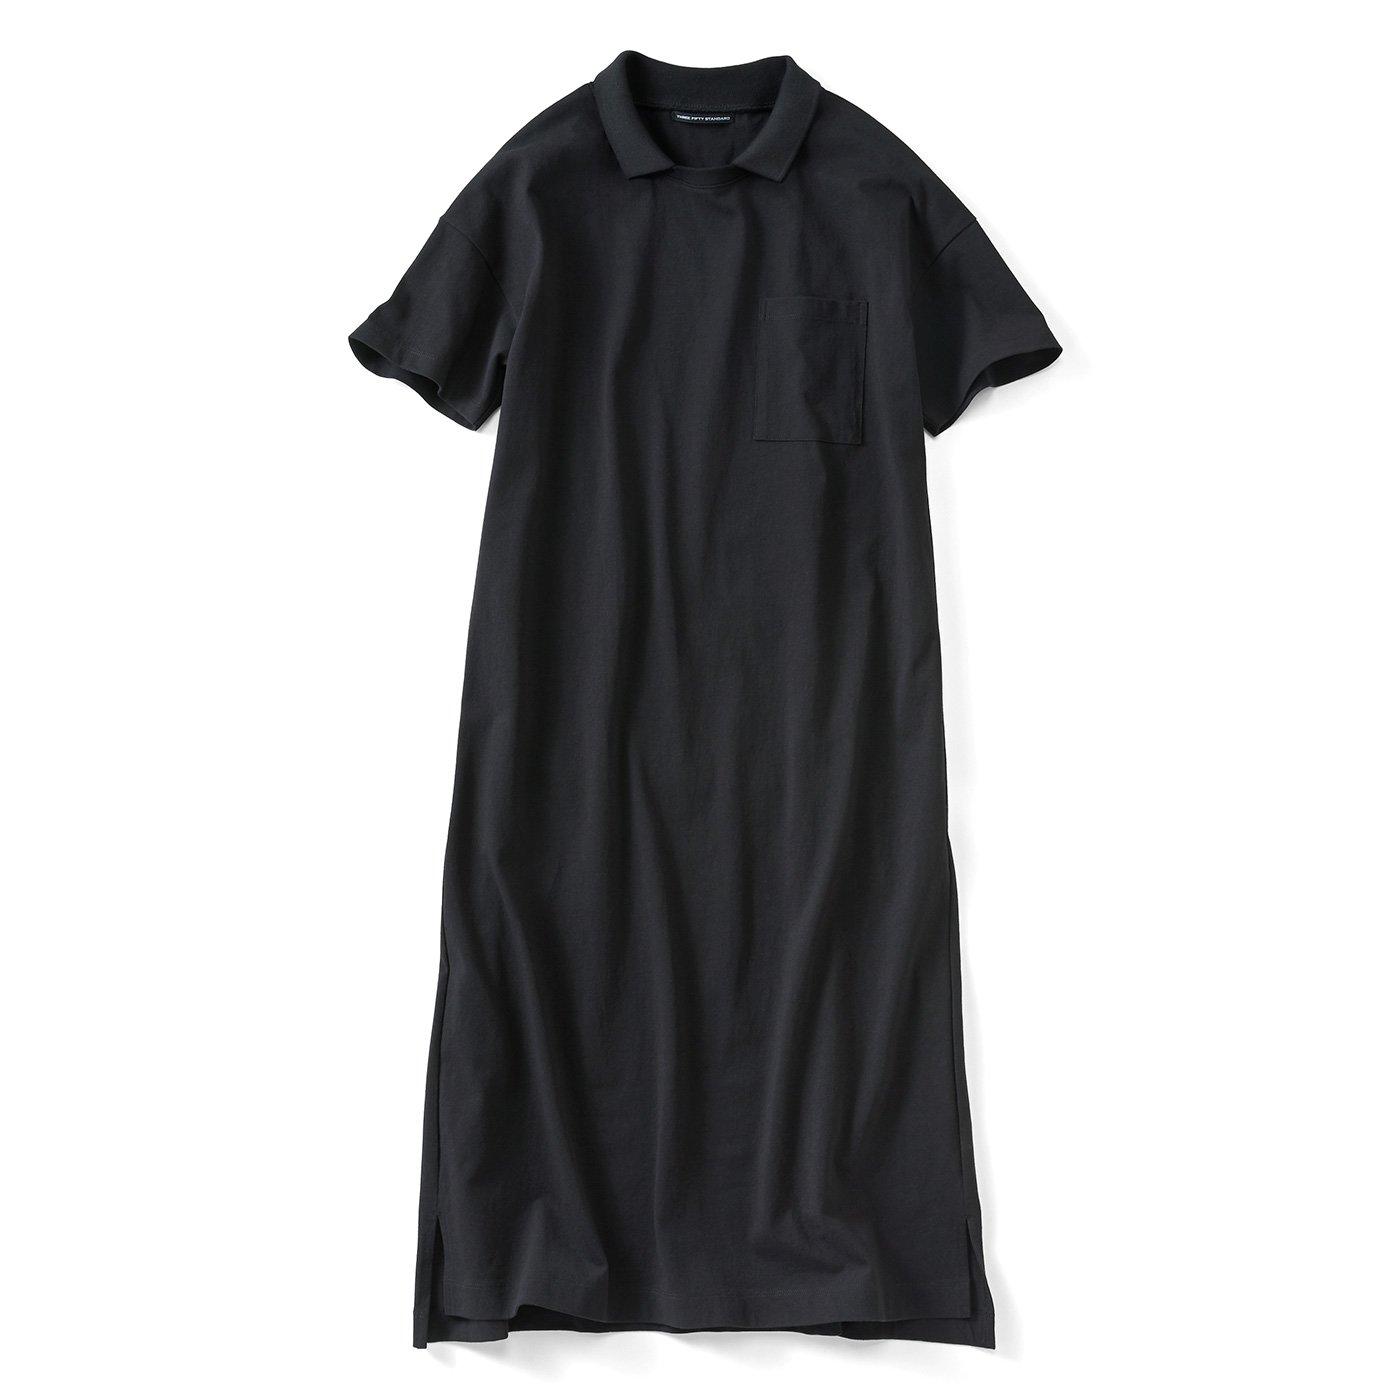 THREE FIFTY STANDARD ゆるシルエットのポロ衿付きワンピース〈黒〉